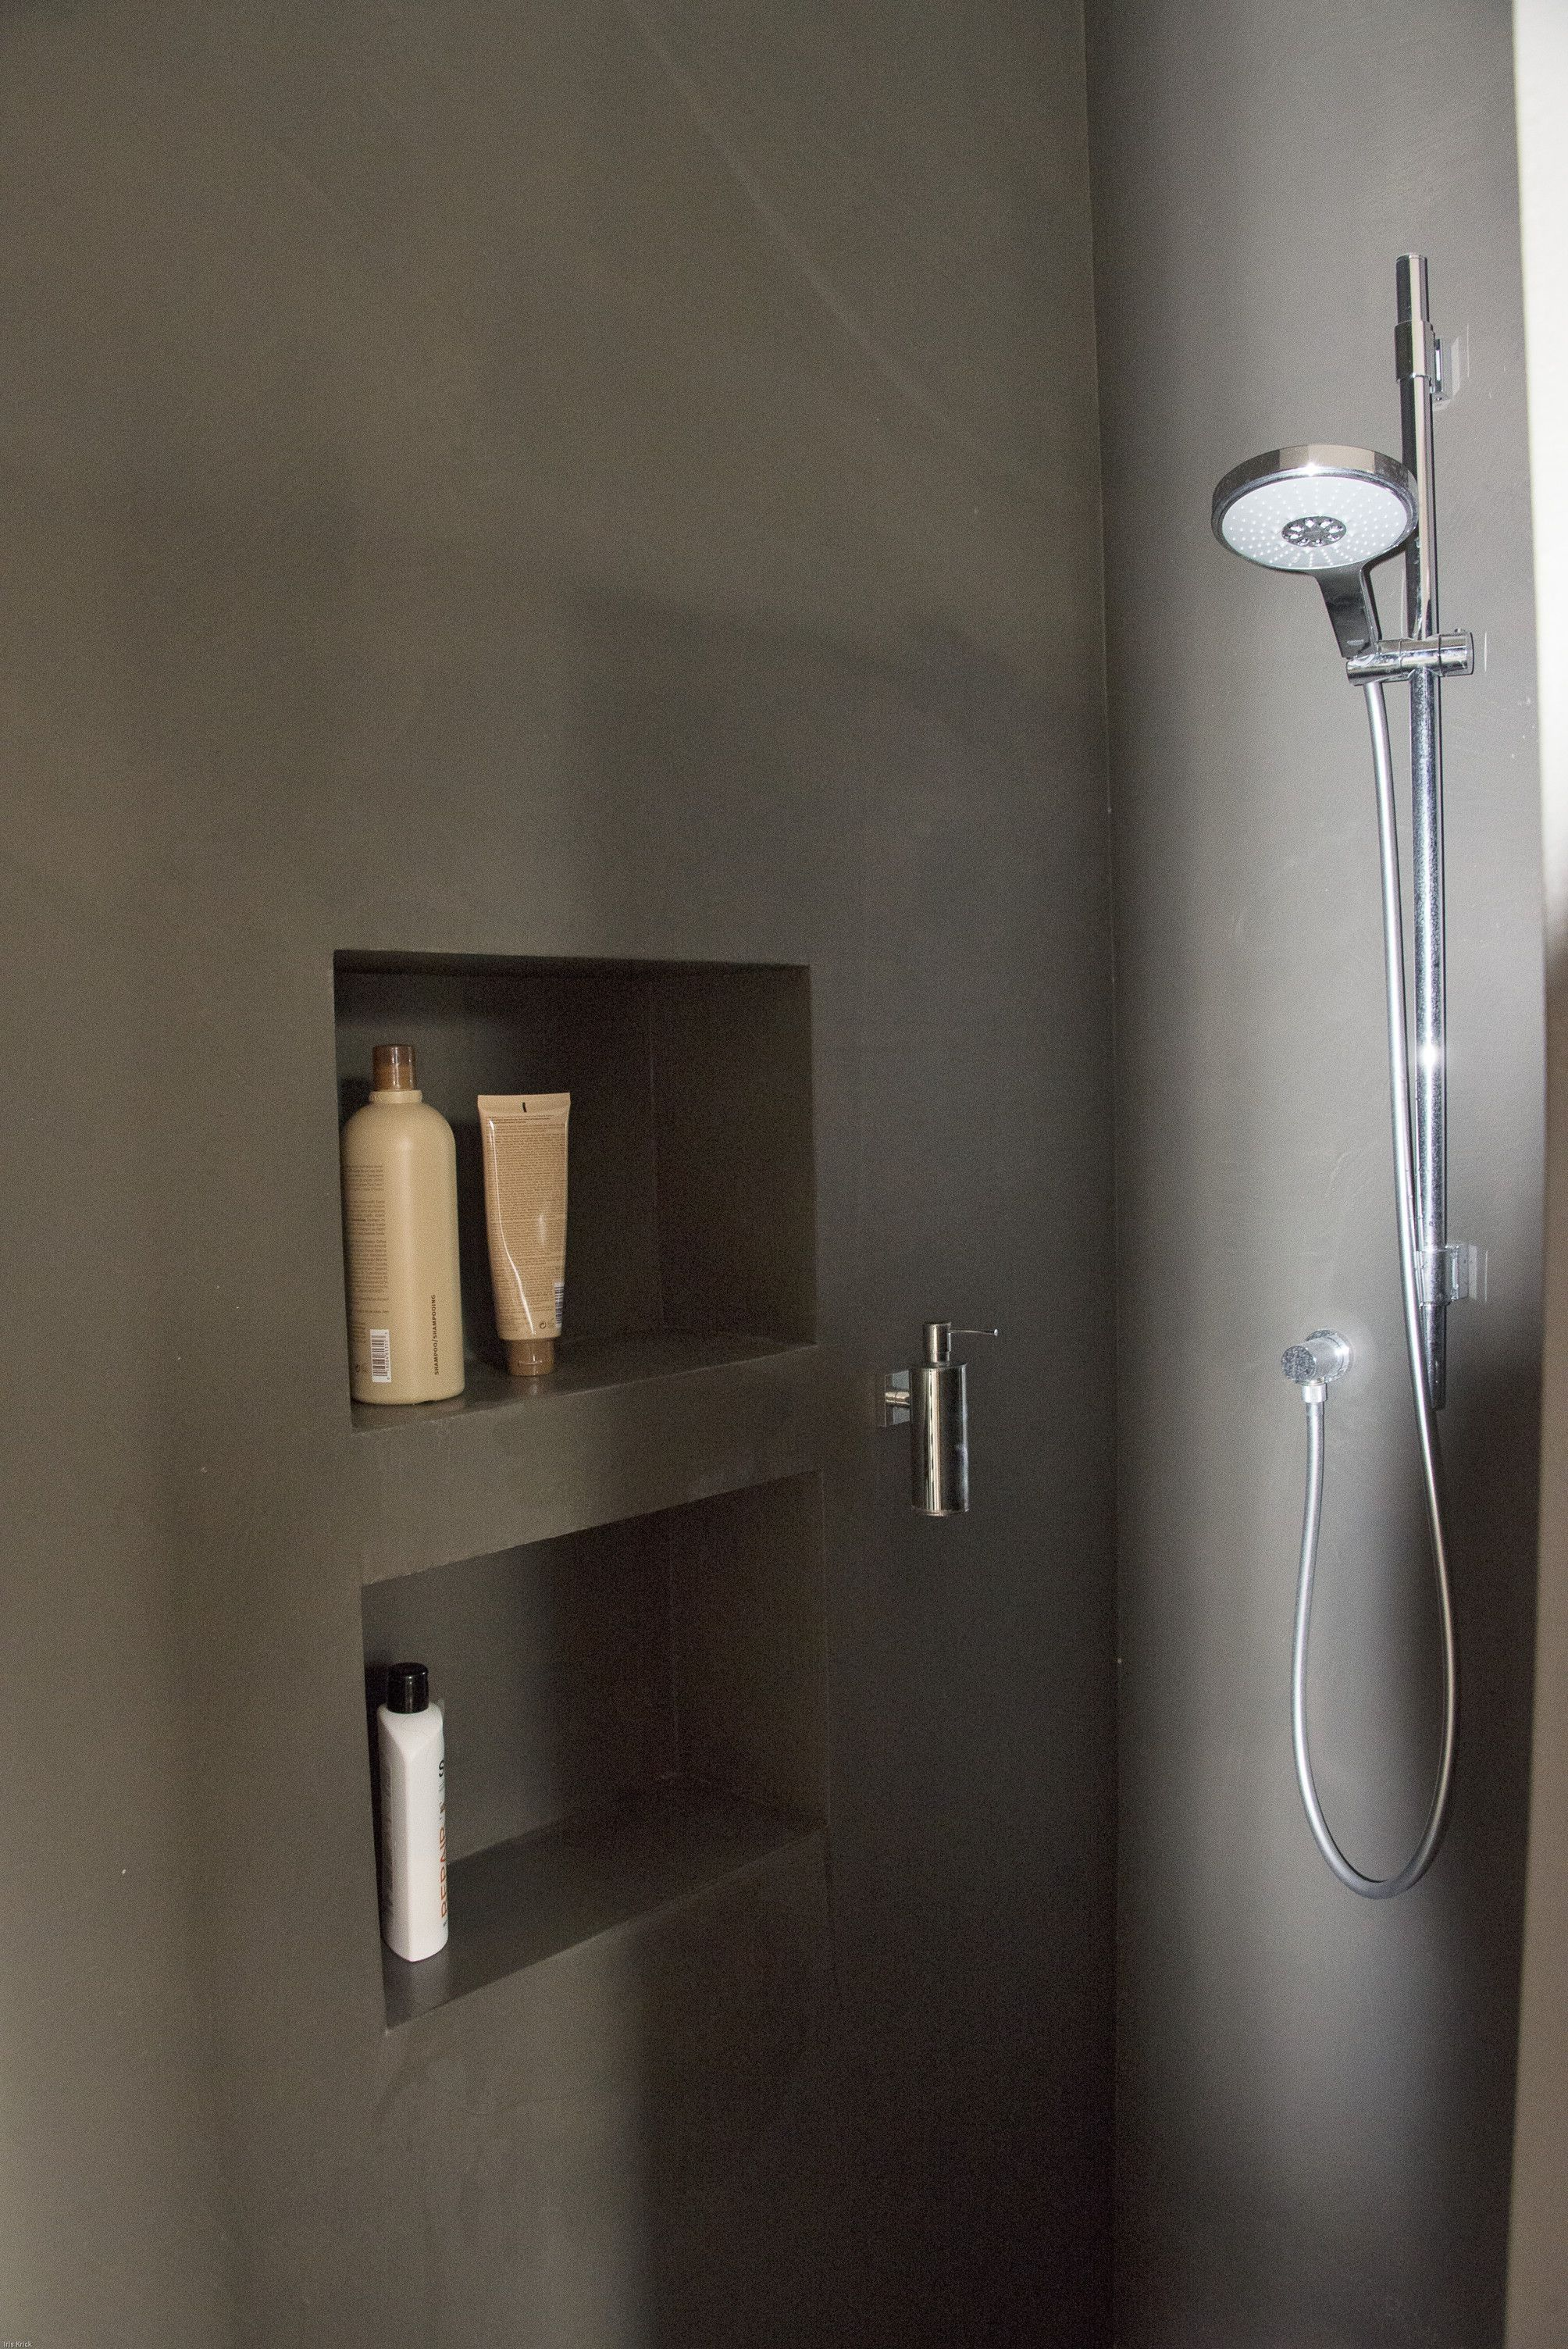 5 Fugenlose Dusche Mit Nischen Ванная Комната Fugenlose